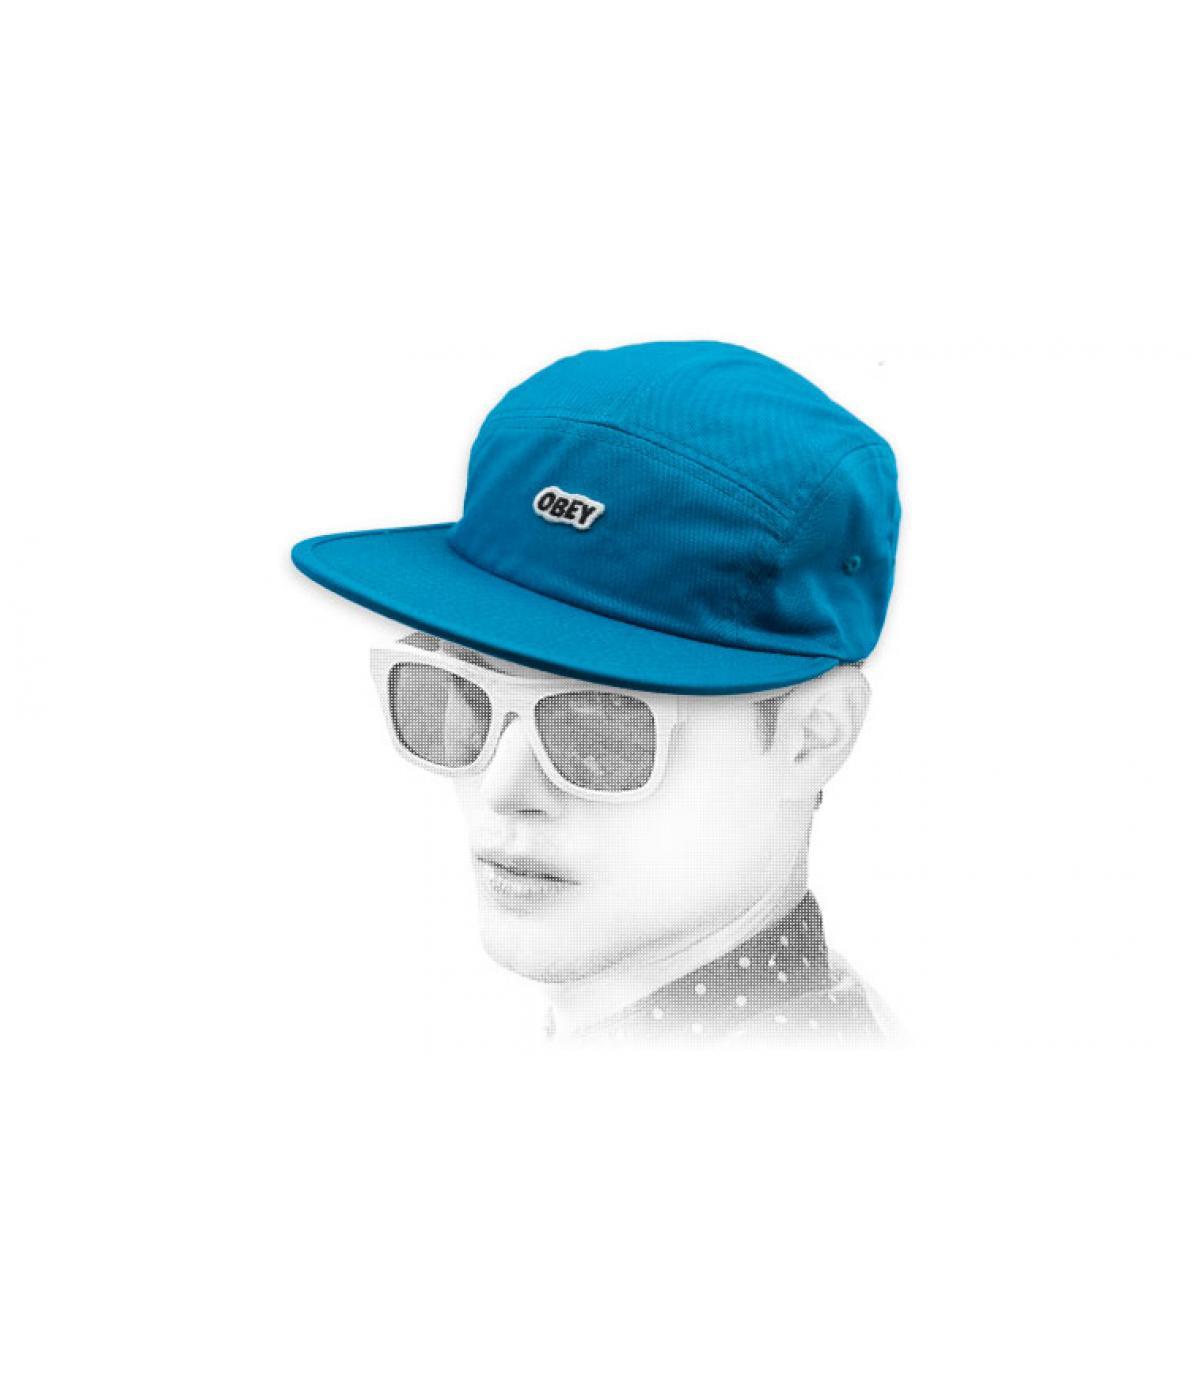 Obey pannello blu del cappuccio 5